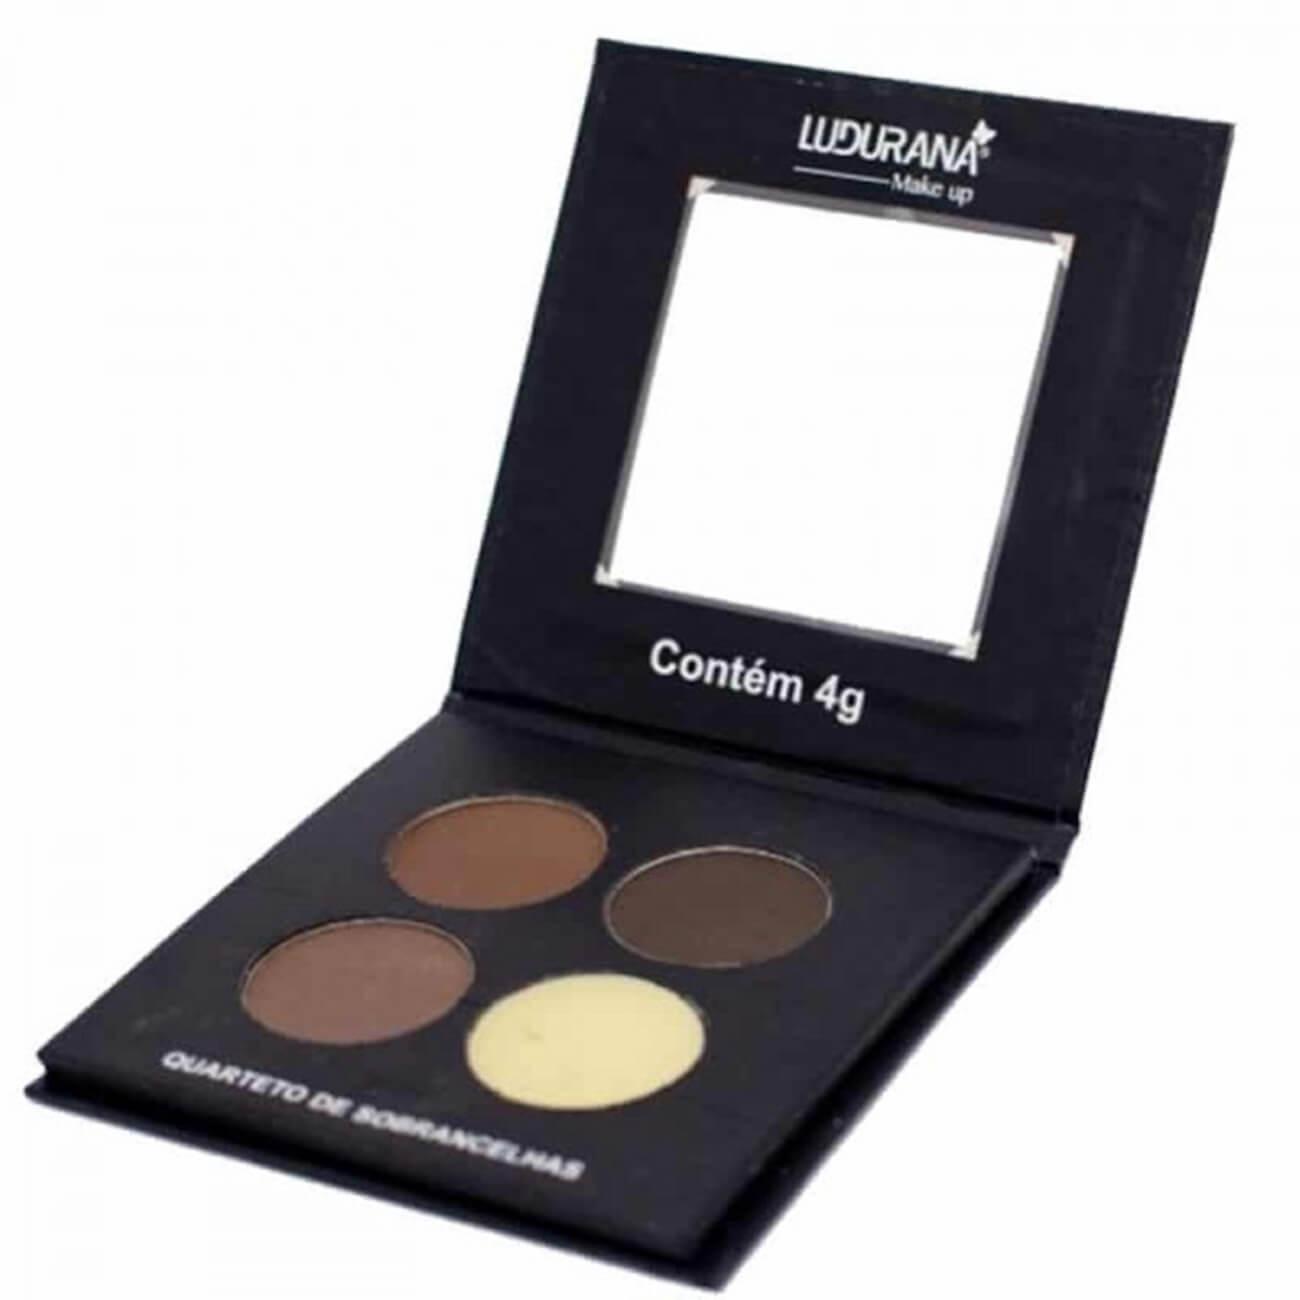 Quarteto de Sobrancelhas - Ludurana Make up